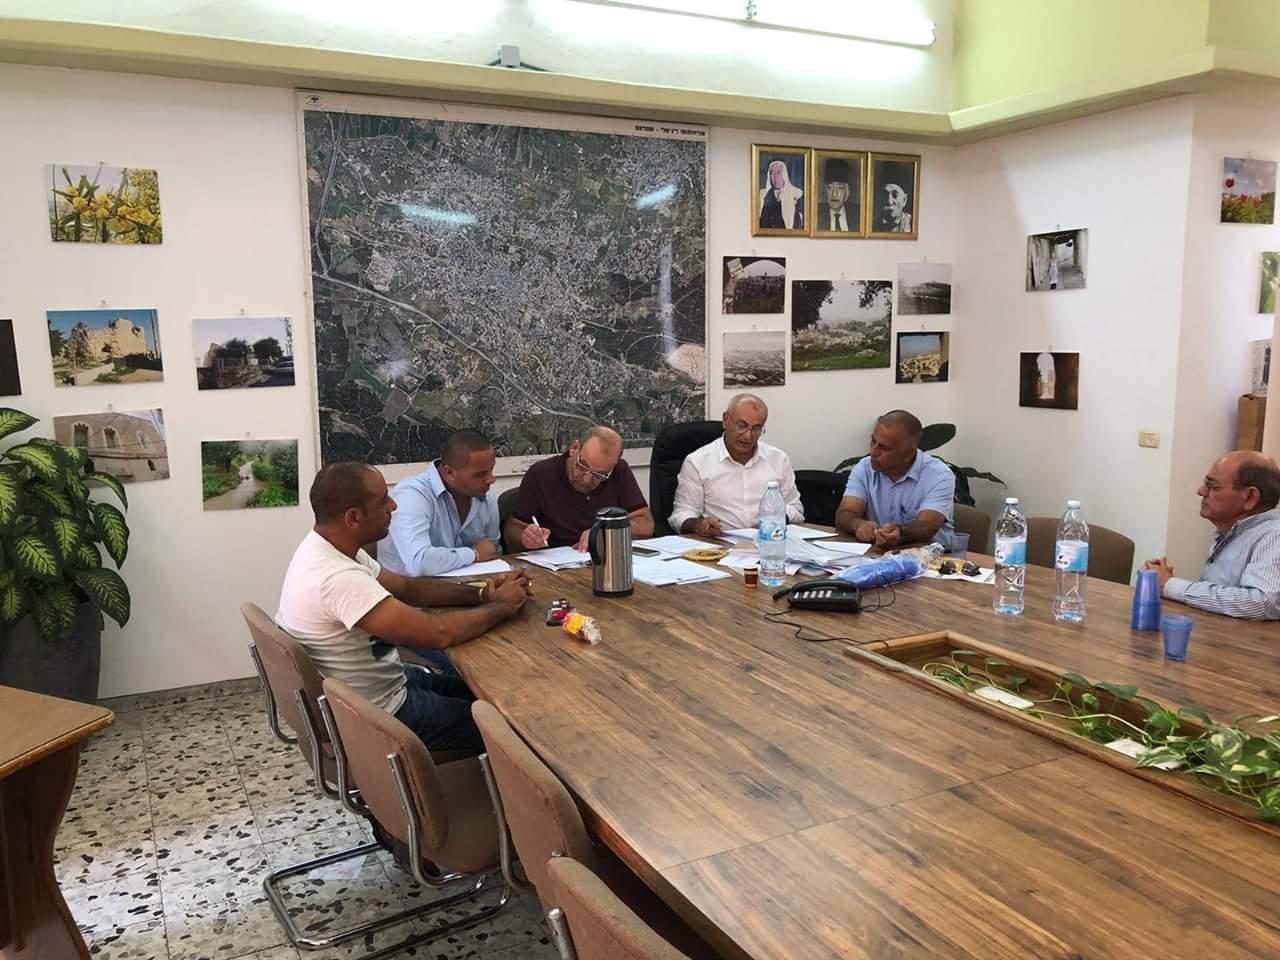 انتخابات شفاعمرو: 4 مرشحين للرئاسة و13 قائمة للعضوية